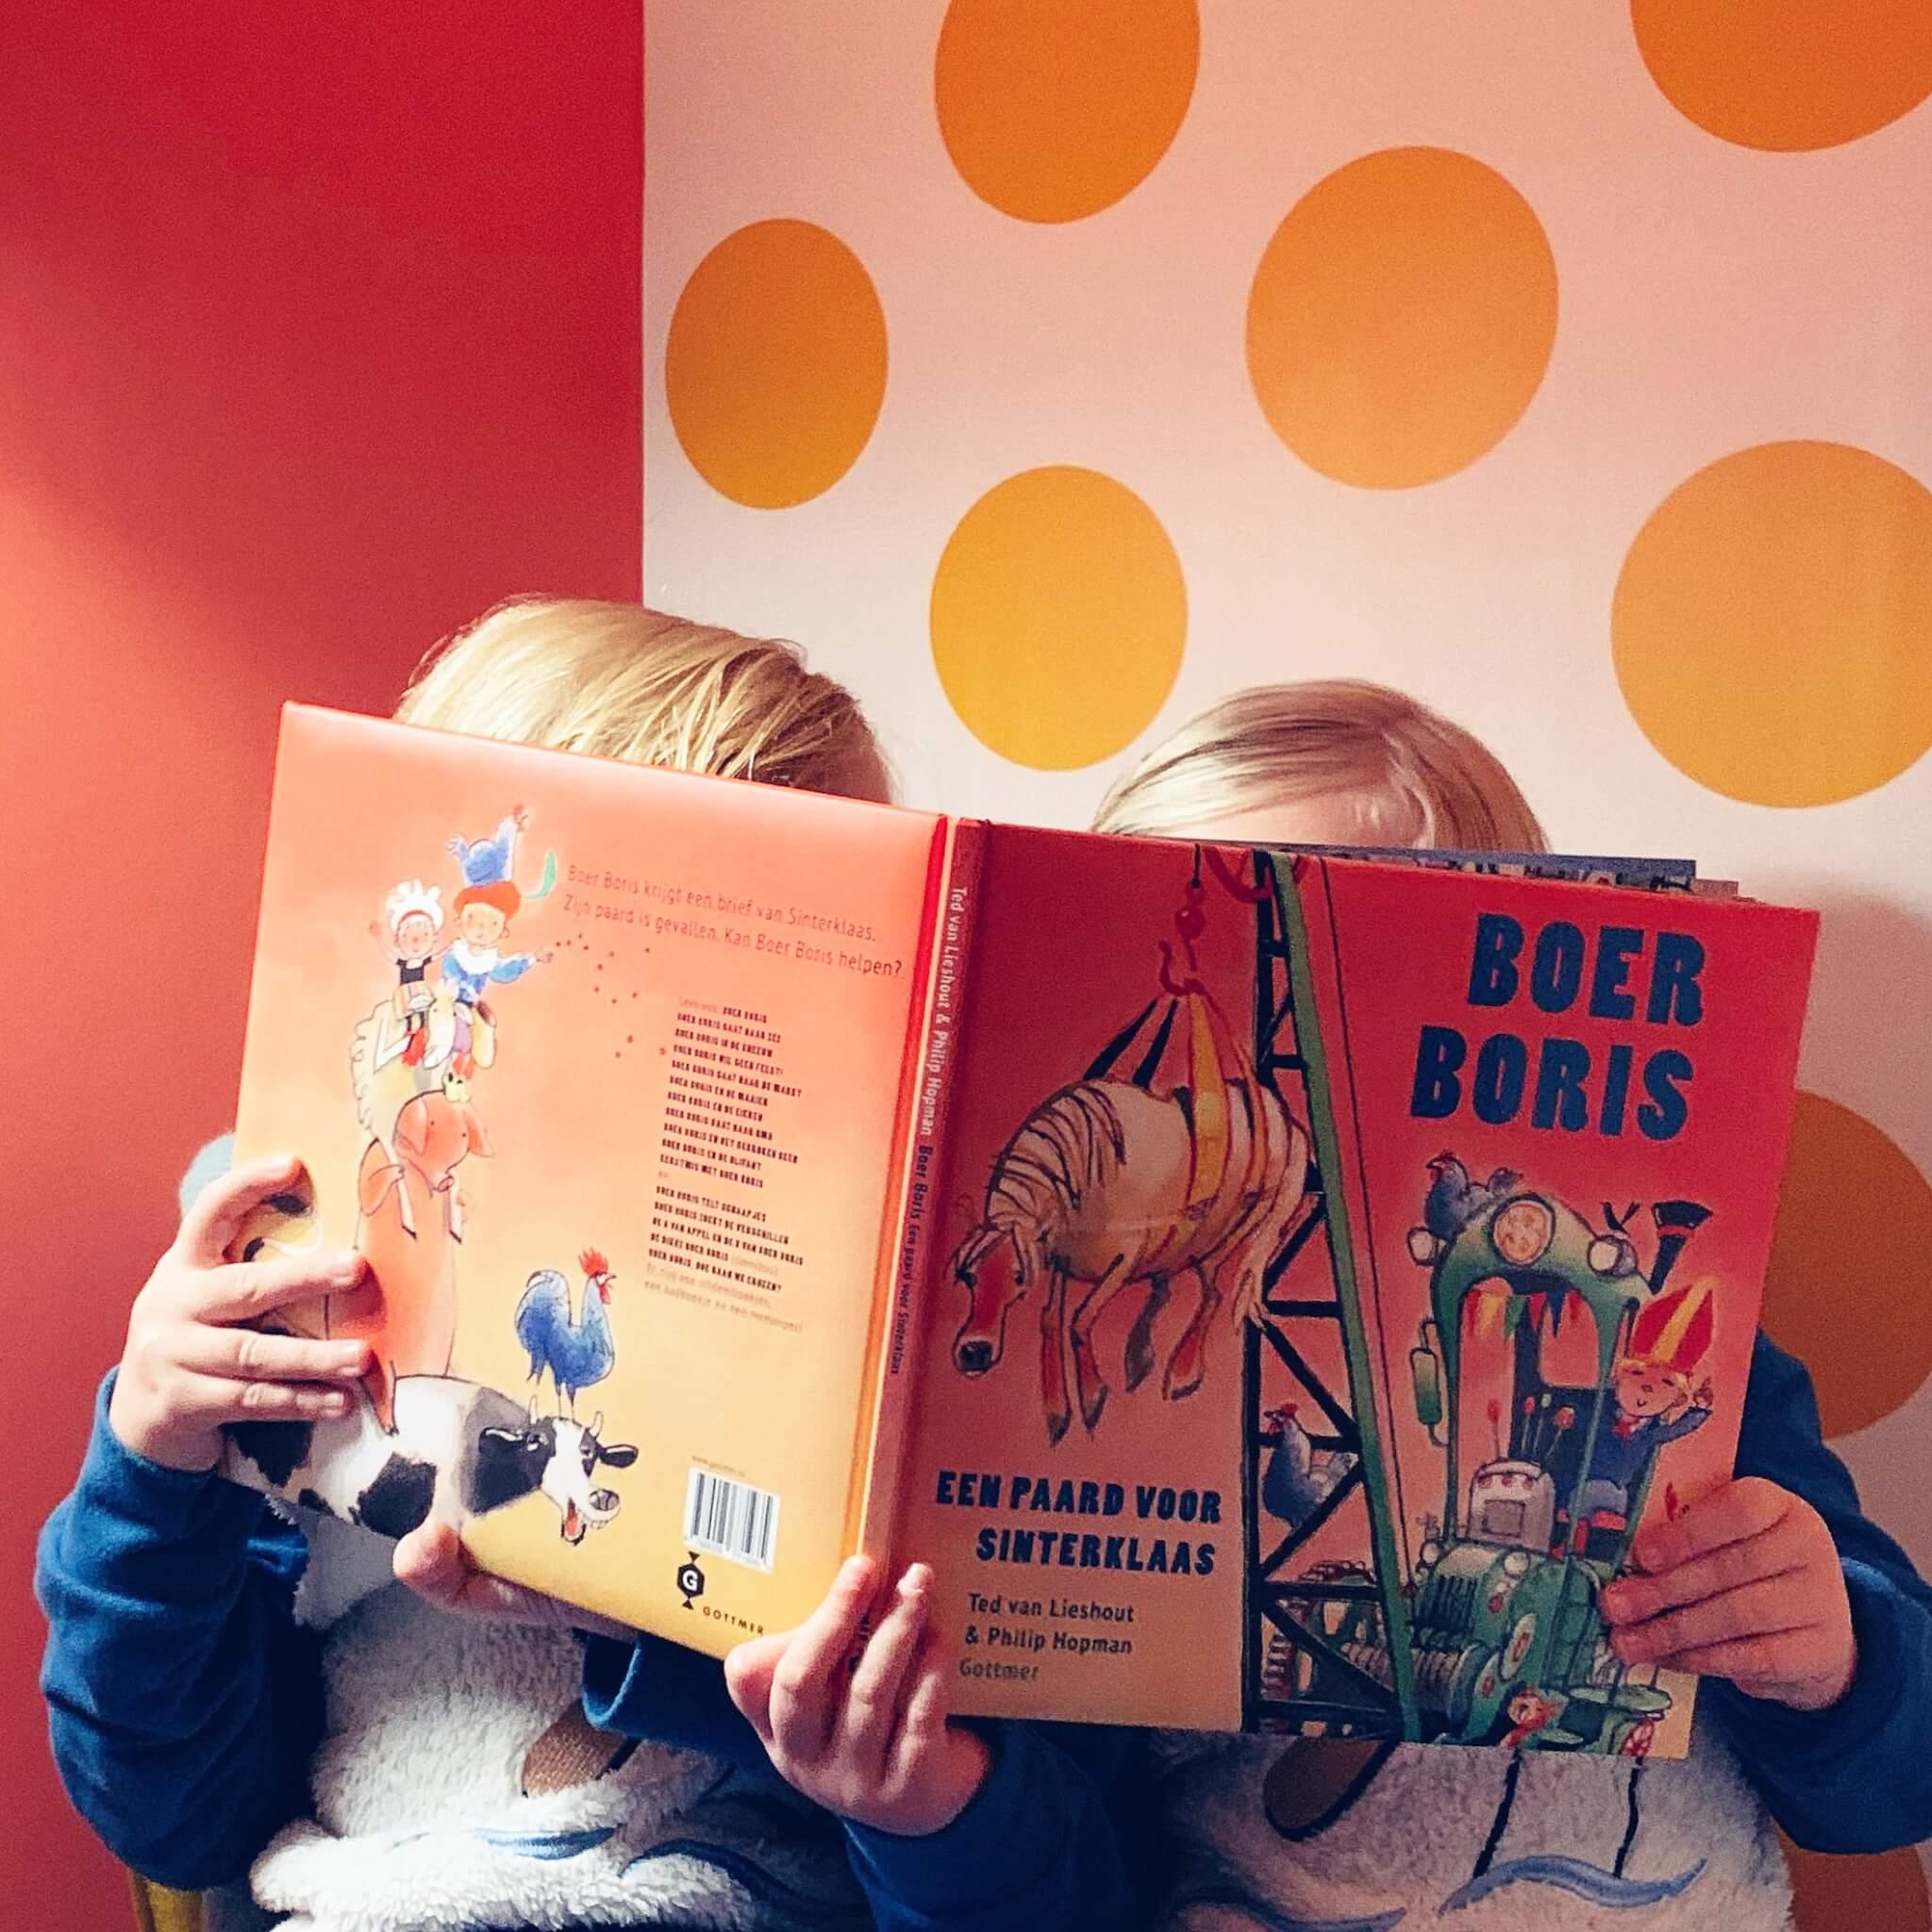 Een nieuw boek van Boer Boris: Een paard voor Sinterklaas